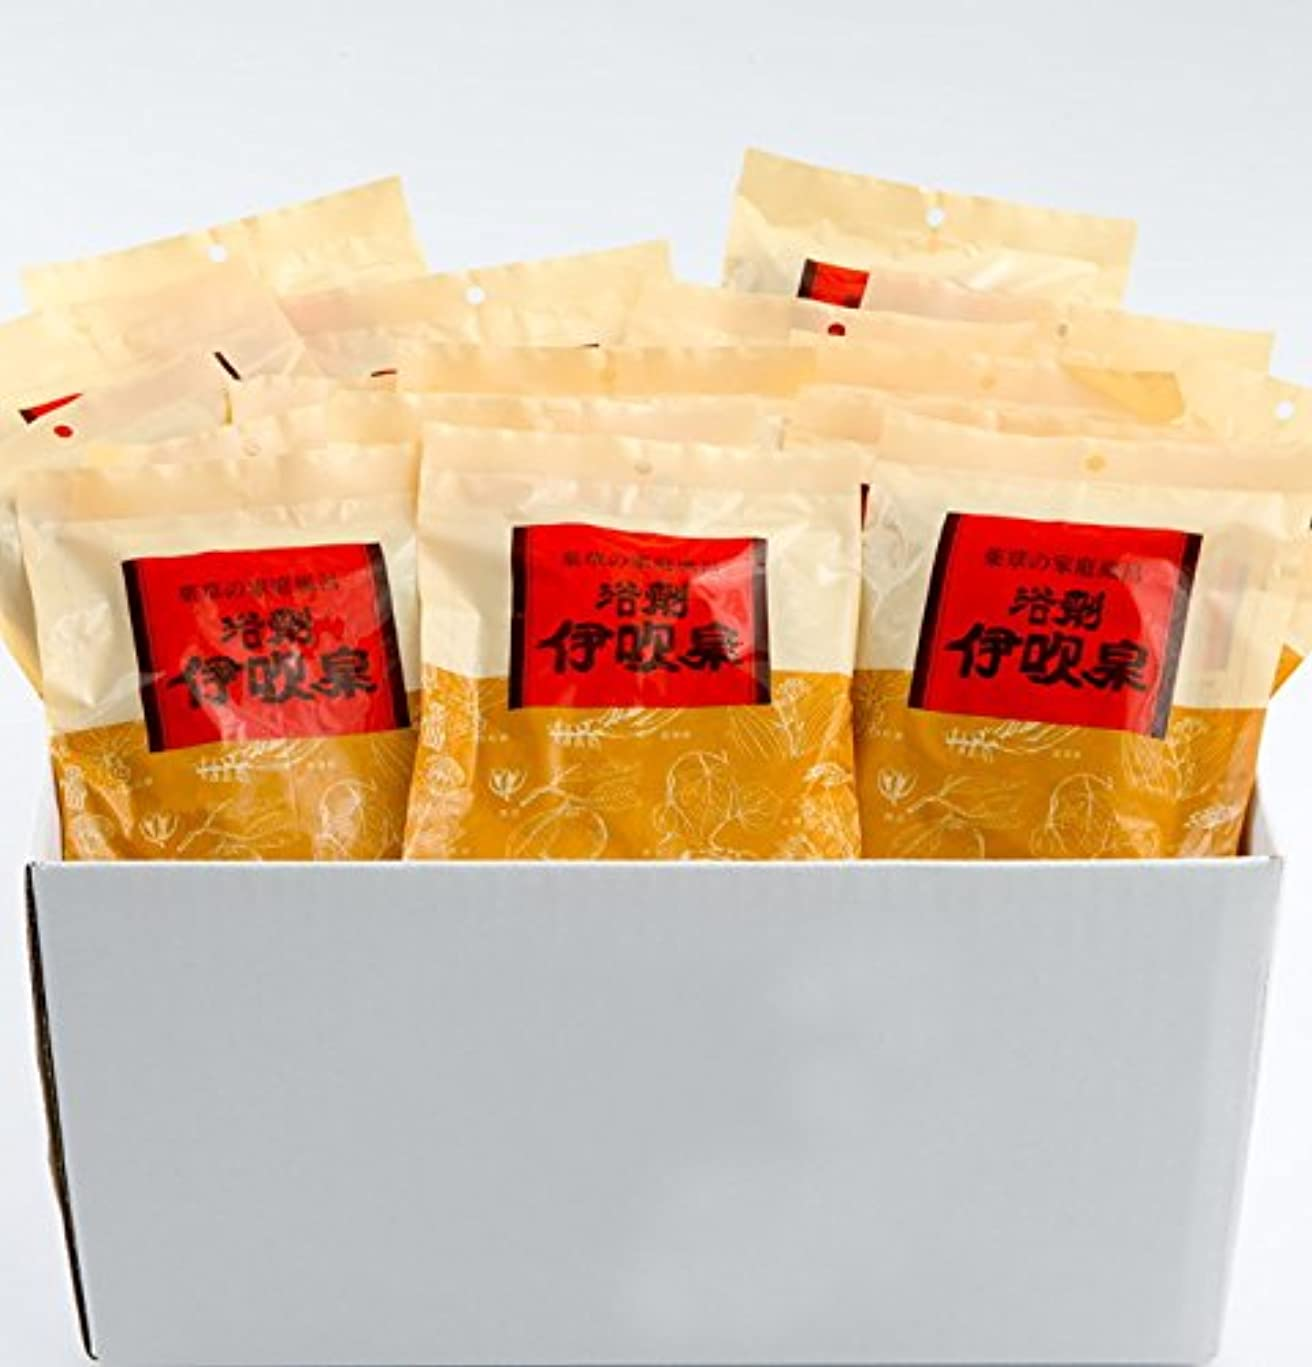 ぼろアウタートリプル浴剤 伊吹泉 ~薬草の家庭風呂~ 15袋(30包)セット